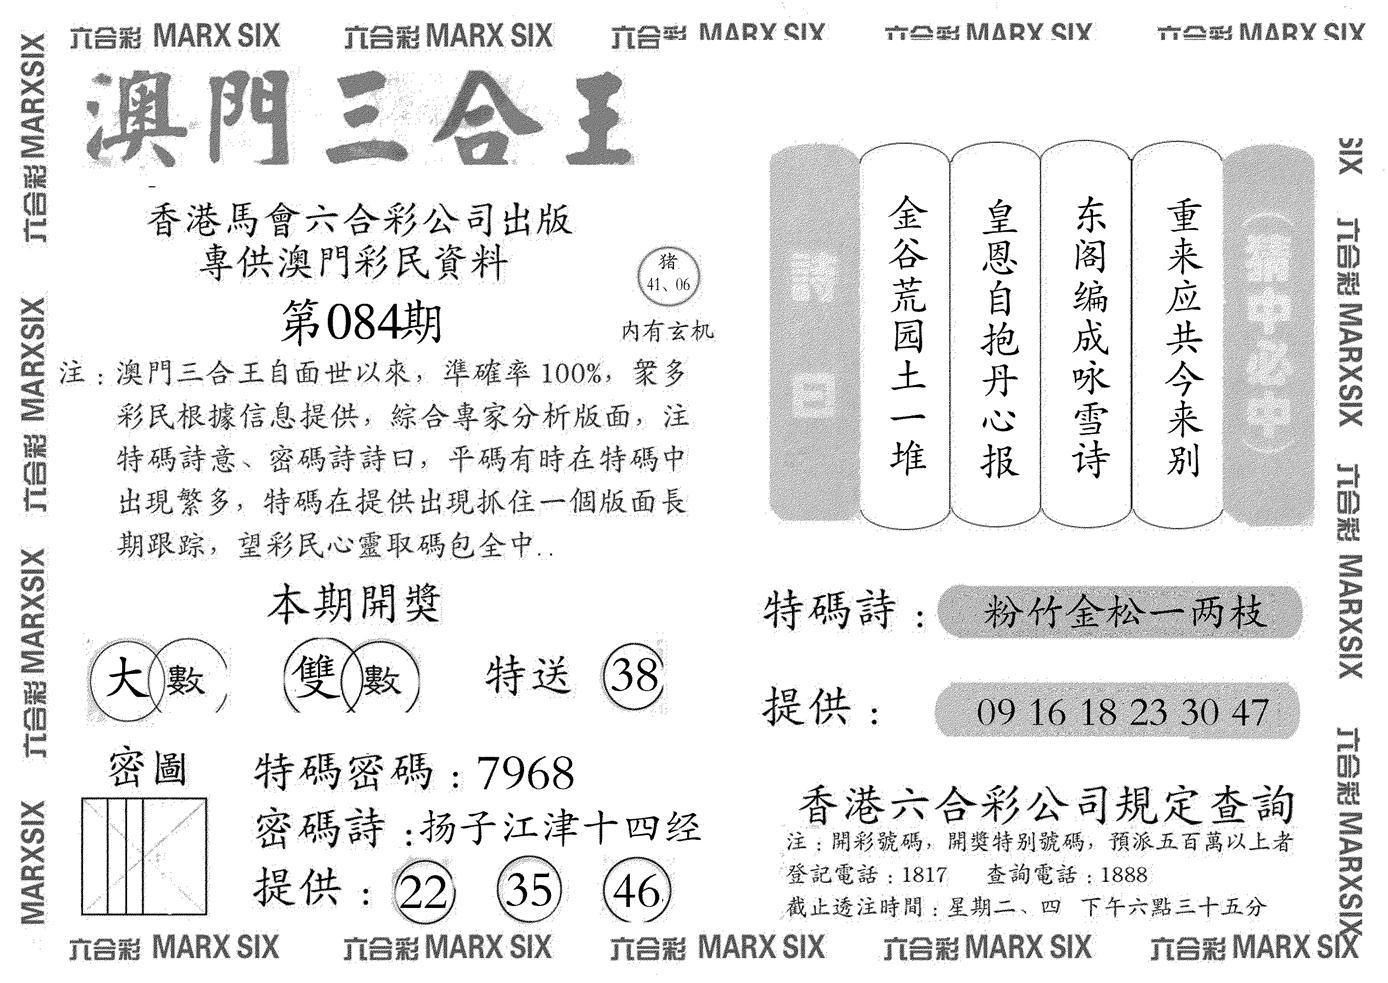 084期澳门三合王A(黑白)